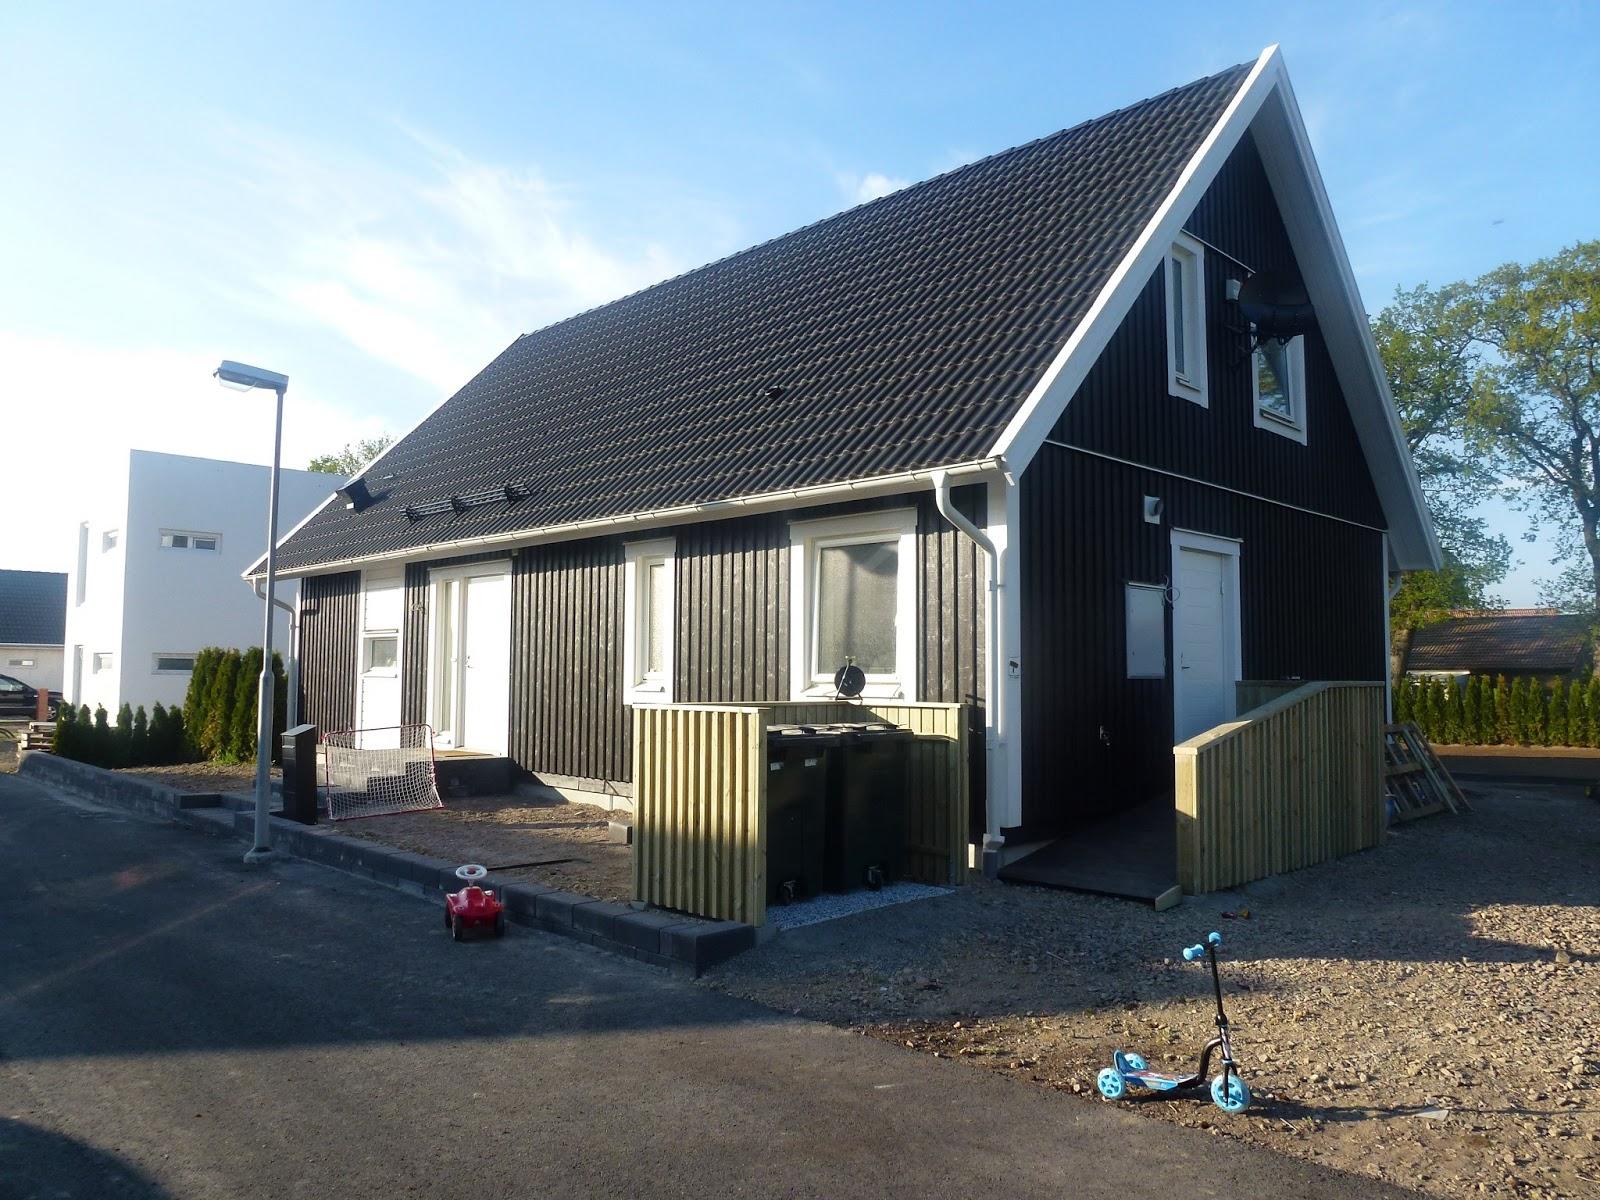 Vi byggar villa kalmar från smålandsvillan =